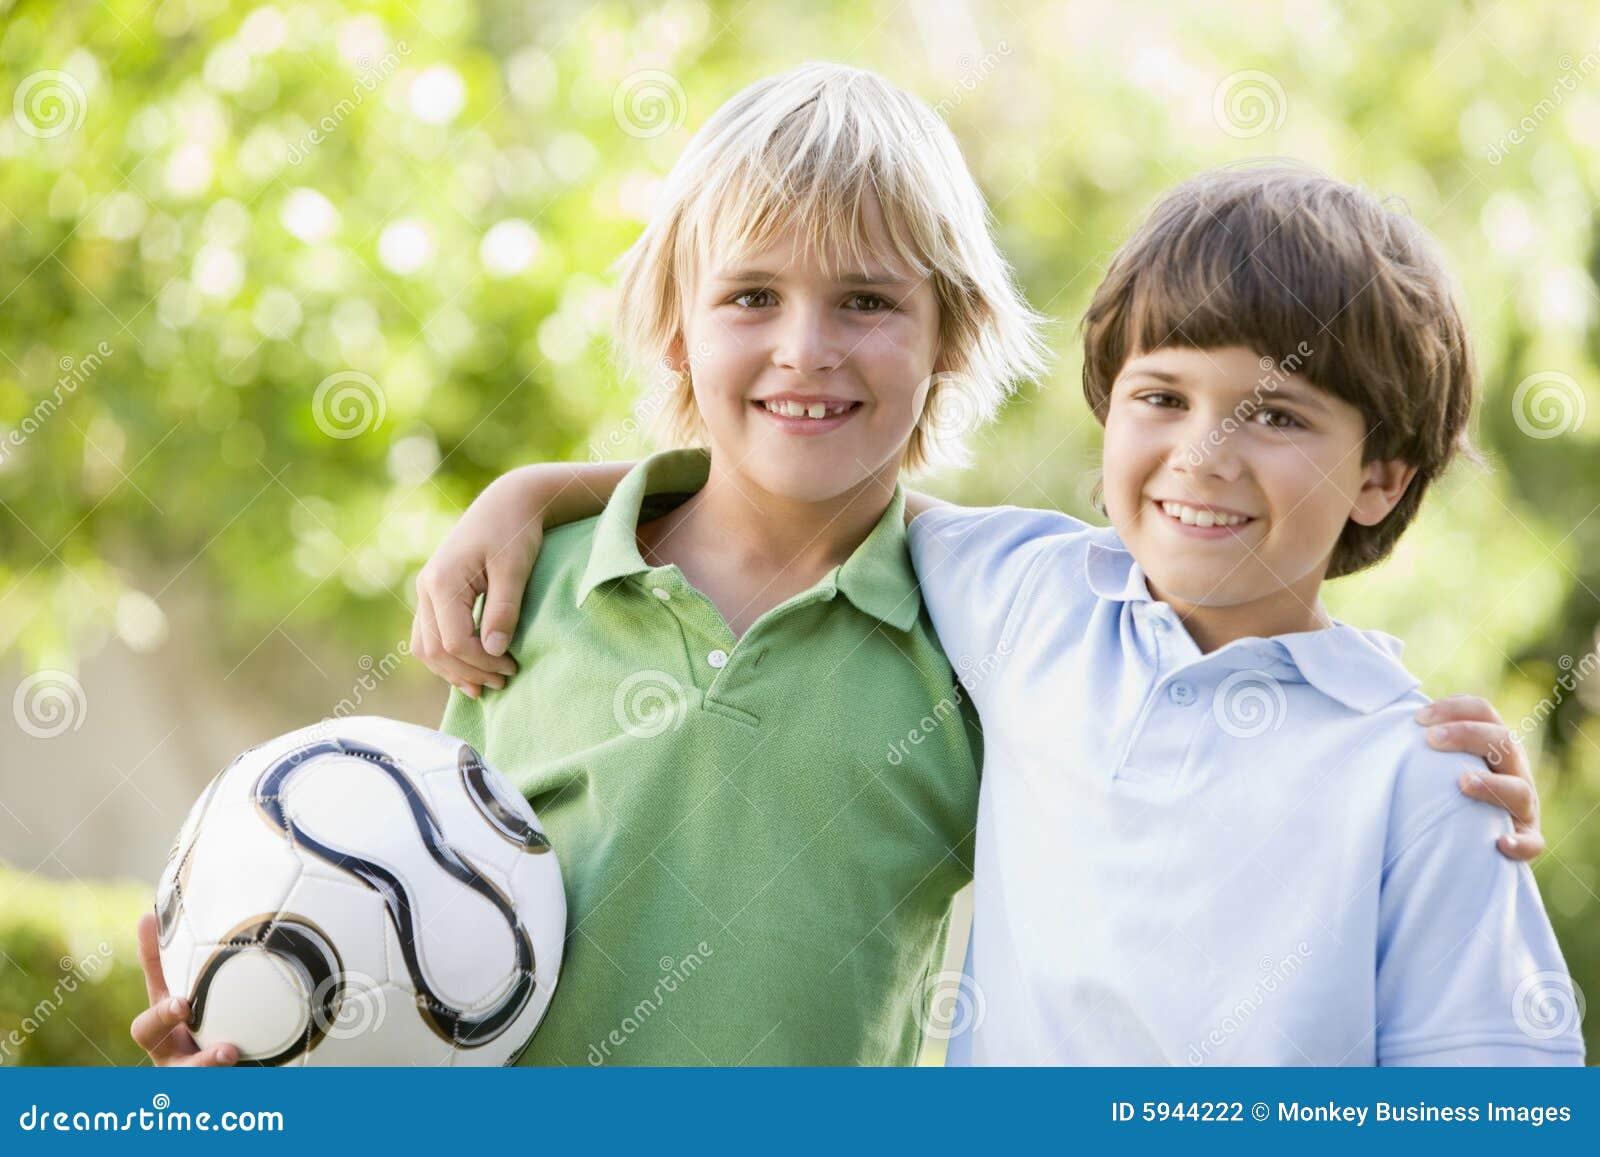 Dois meninos novos ao ar livre com sorriso da esfera de futebol